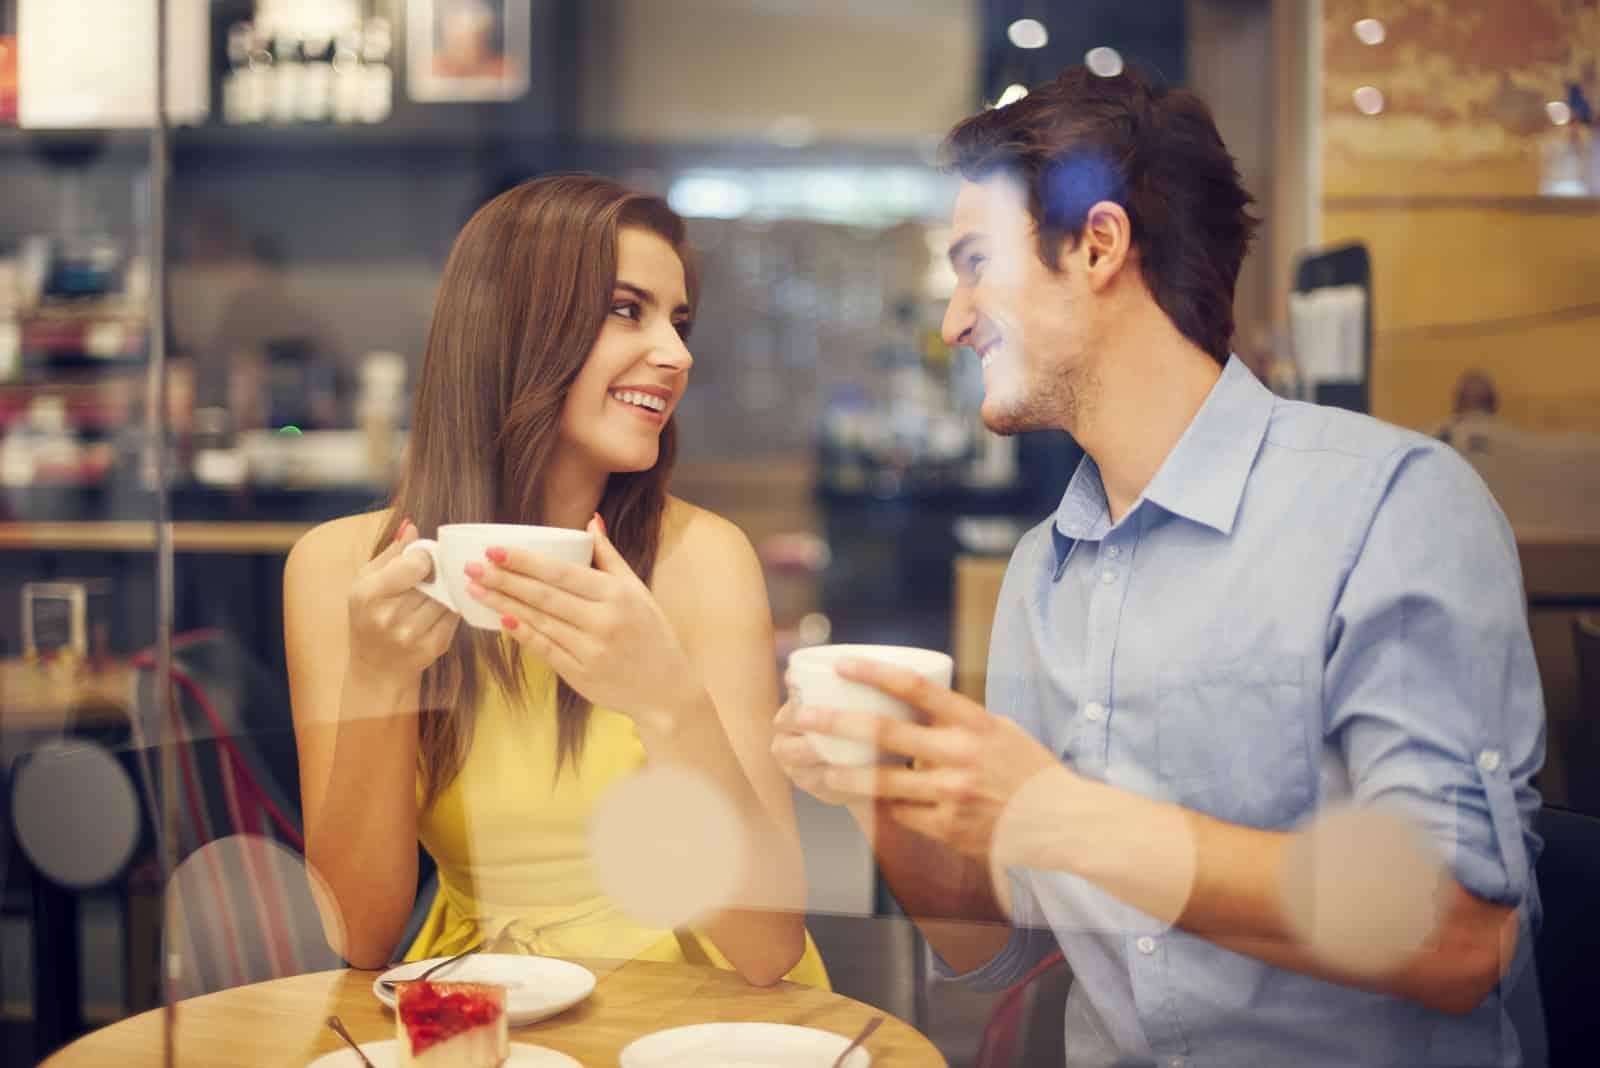 Mann und Frau im Café genießen